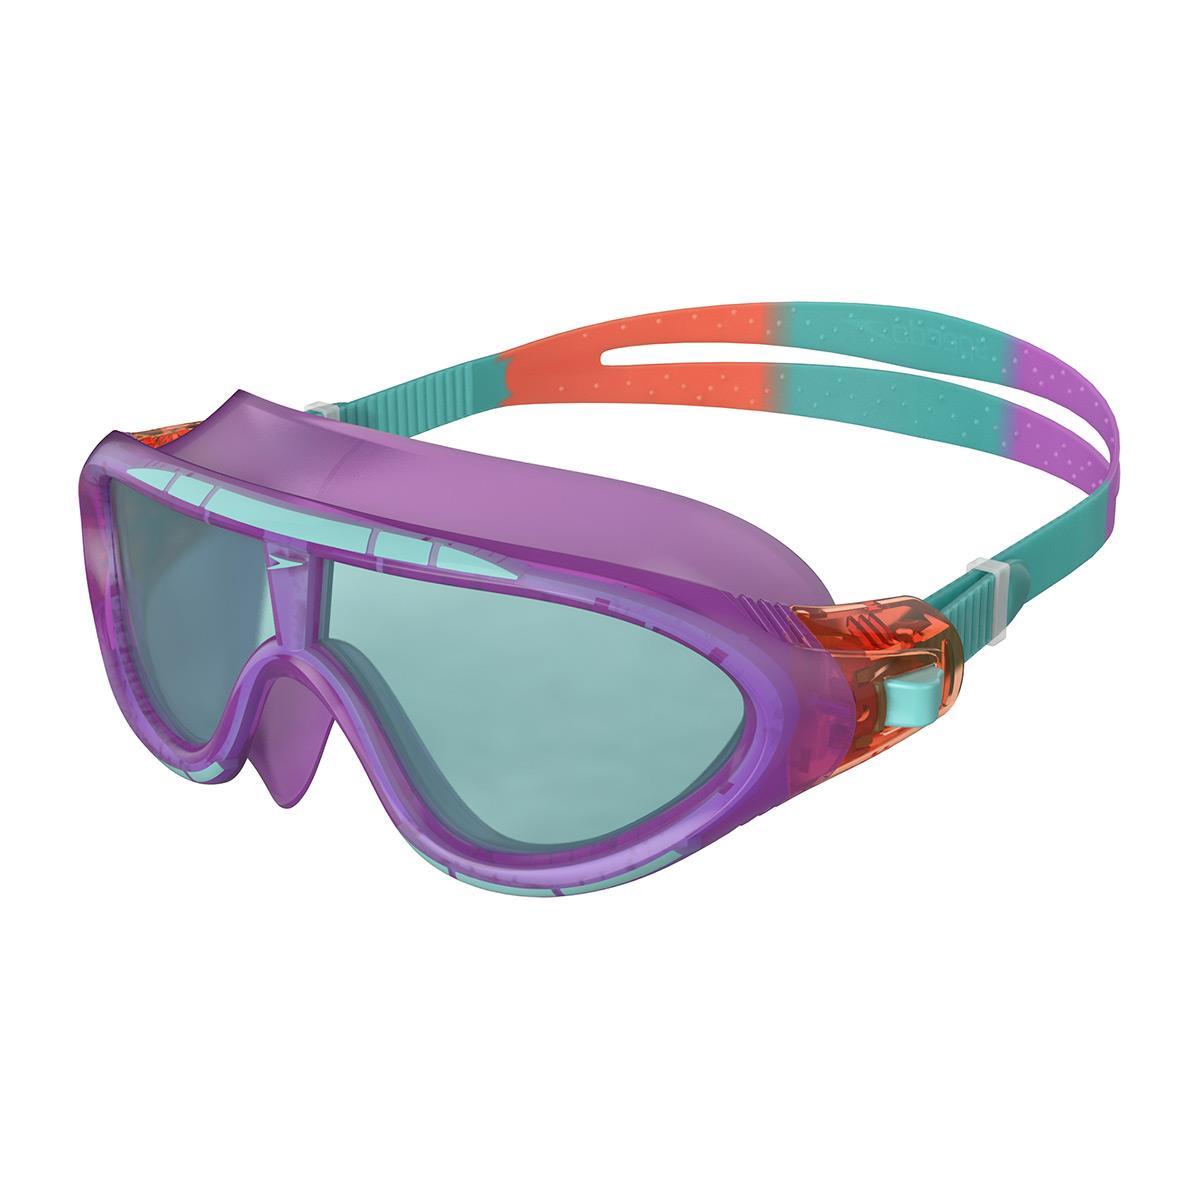 Speedo Rıft Gog Ju Purp/Blu Çocuk Gözlük